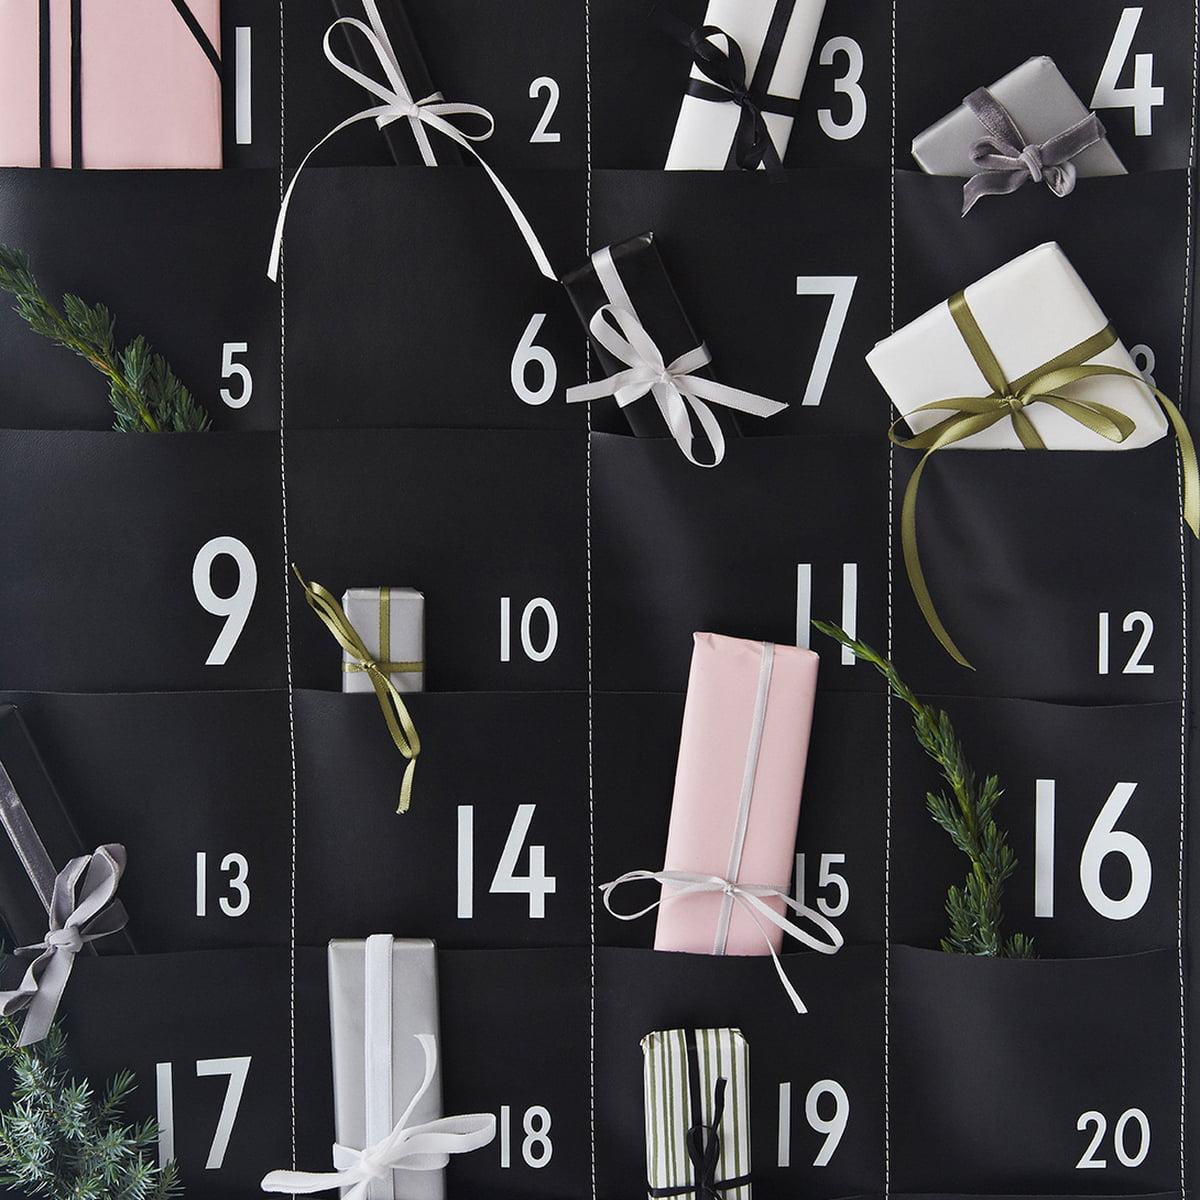 Calendrier 24 jours de design letters connox - Connox adventskalender ...